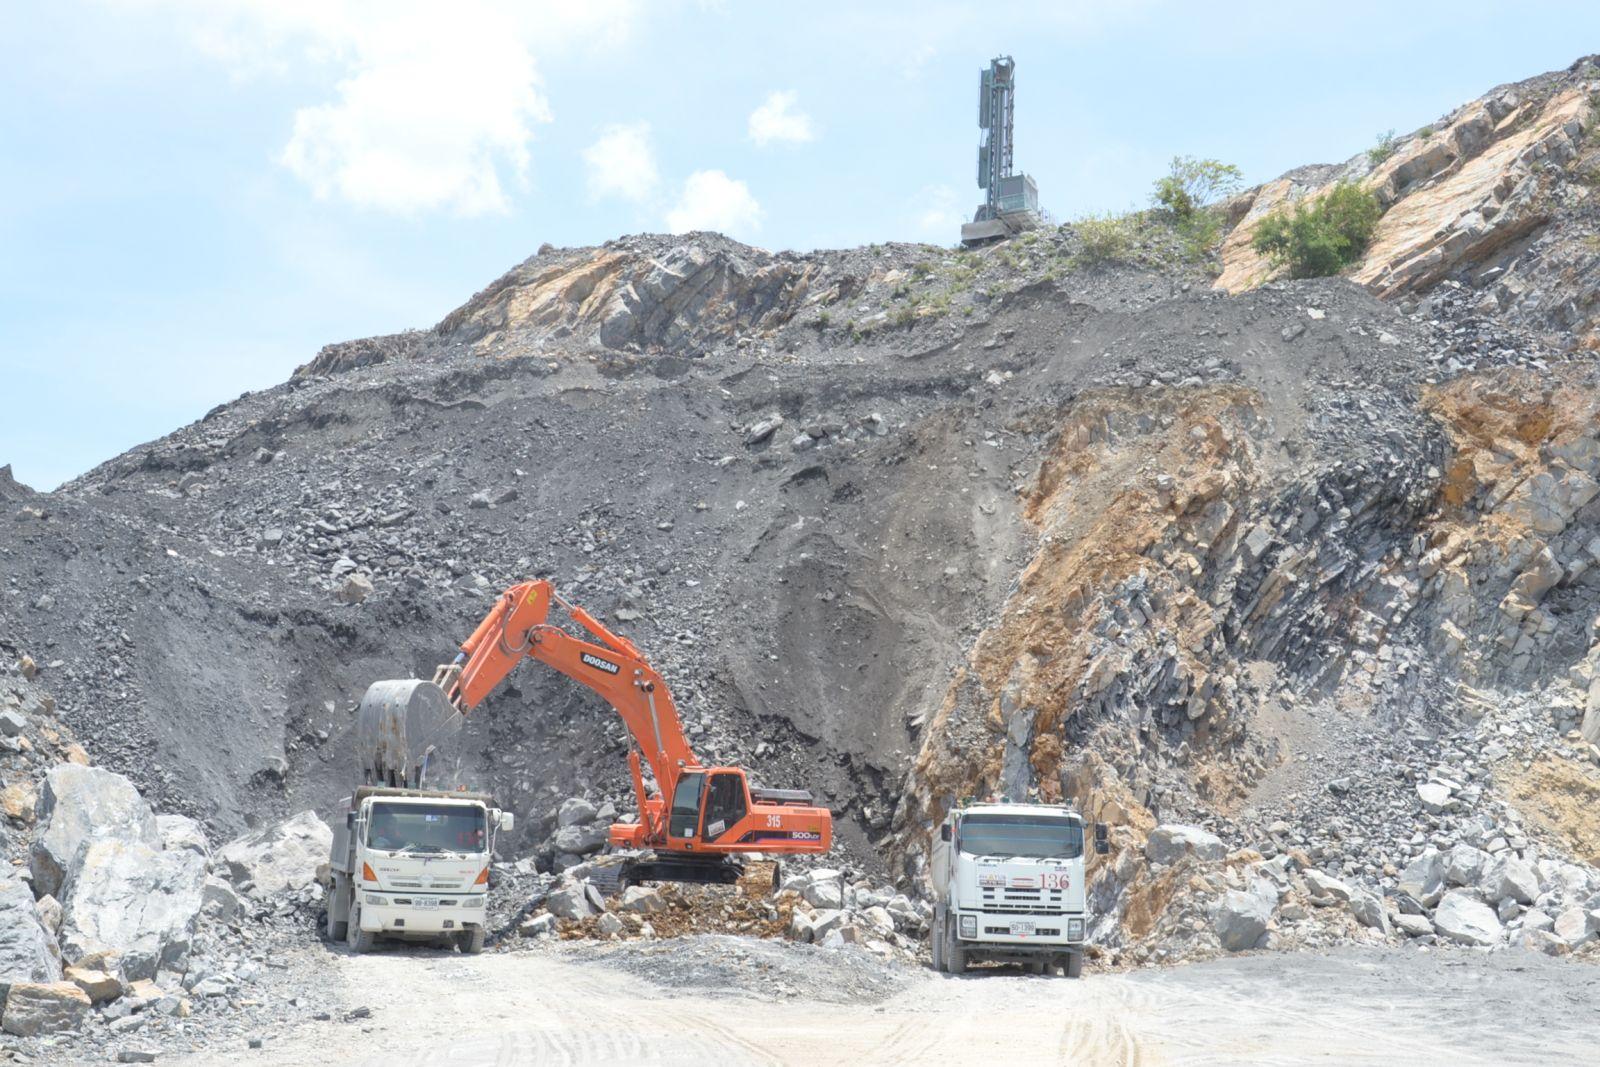 คัดค้านขอใช้ประโยชน์พื้นที่ทำเหมืองแร่หินก่อสร้าง ของบริษัท พารุ่งฯ หลังคณะกรรมการตรวจสอบไฟเขียว ส่งให้กรมป่าไม้พิจารณา